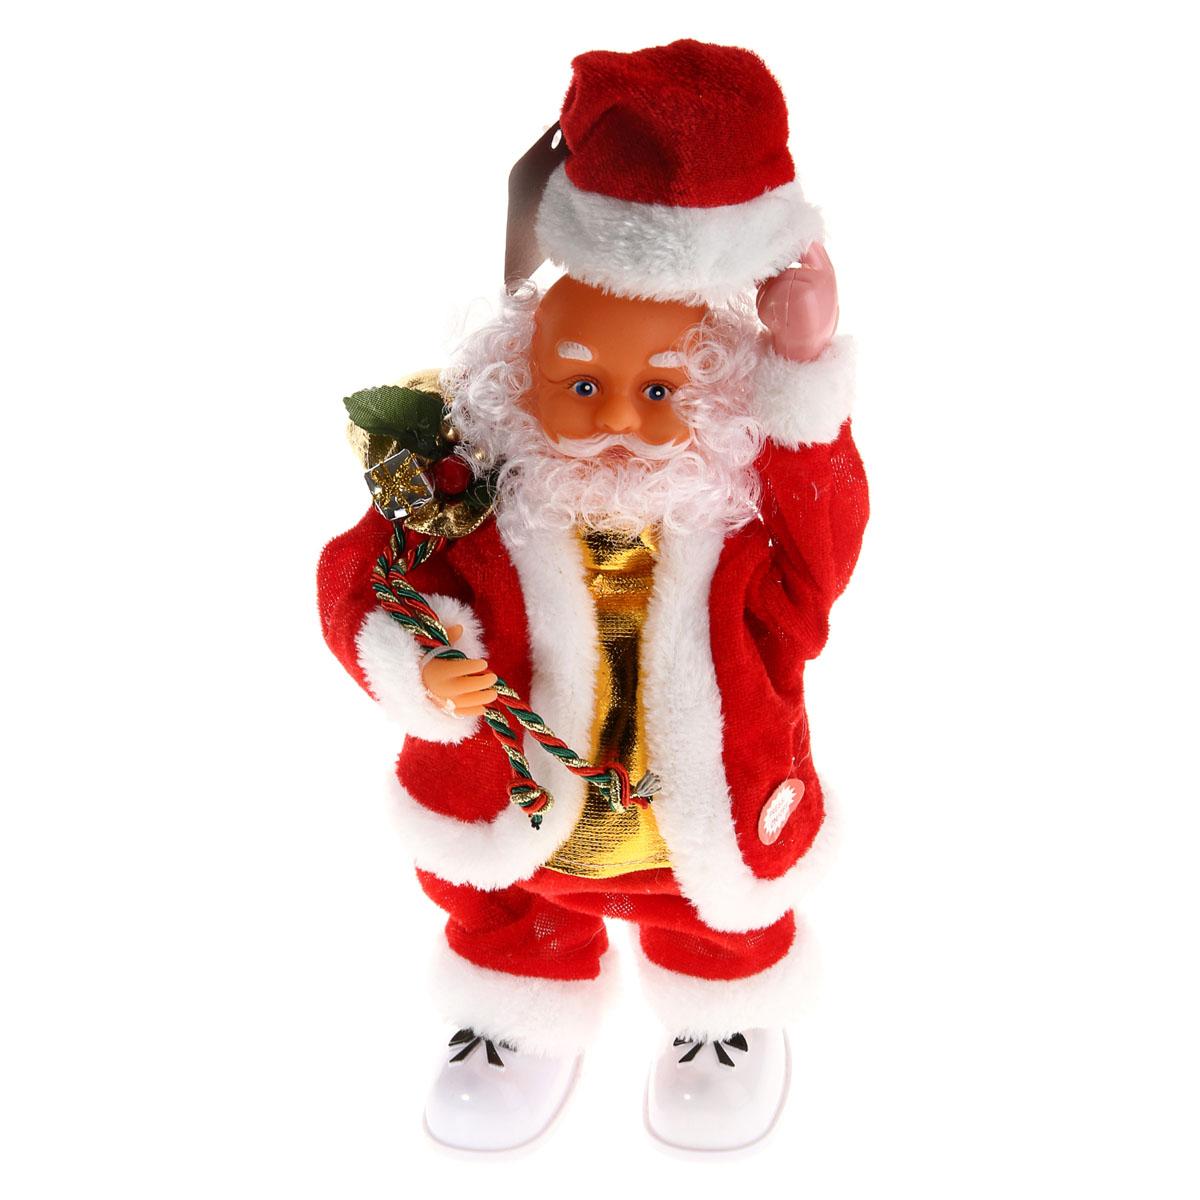 Новогодняя декоративная фигурка Sima-land Дед Мороз, анимированная, высота 28 см. 827820827820Новогодняя декоративная фигурка выполнена из высококачественного пластика в виде Деда Мороза. Дед Мороз одет в короткую шубу с опушкой, штаны и пластиковые сапоги. На голове колпак в цвет шубы с бубенцом. В одной руке Дед Мороз держит колпак, а в другой мешок с подарками. Особенностью фигурки является наличие механизма, при включении которого играет мелодия, а кукла начинает шевелить руками и головой, снимать шляпу. Его добрый вид и очаровательная улыбка притягивают к себе восторженные взгляды. Декоративная фигурка Дед Мороз подойдет для оформления новогоднего интерьера и принесет с собой атмосферу радости и веселья. УВАЖАЕМЫЕ КЛИЕНТЫ! Обращаем ваше внимание на тот факт, что декоративная фигурка работает от трех батареек типа АА/R6/UM-3 напряжением 1,5V. Батарейки в комплект не входят.